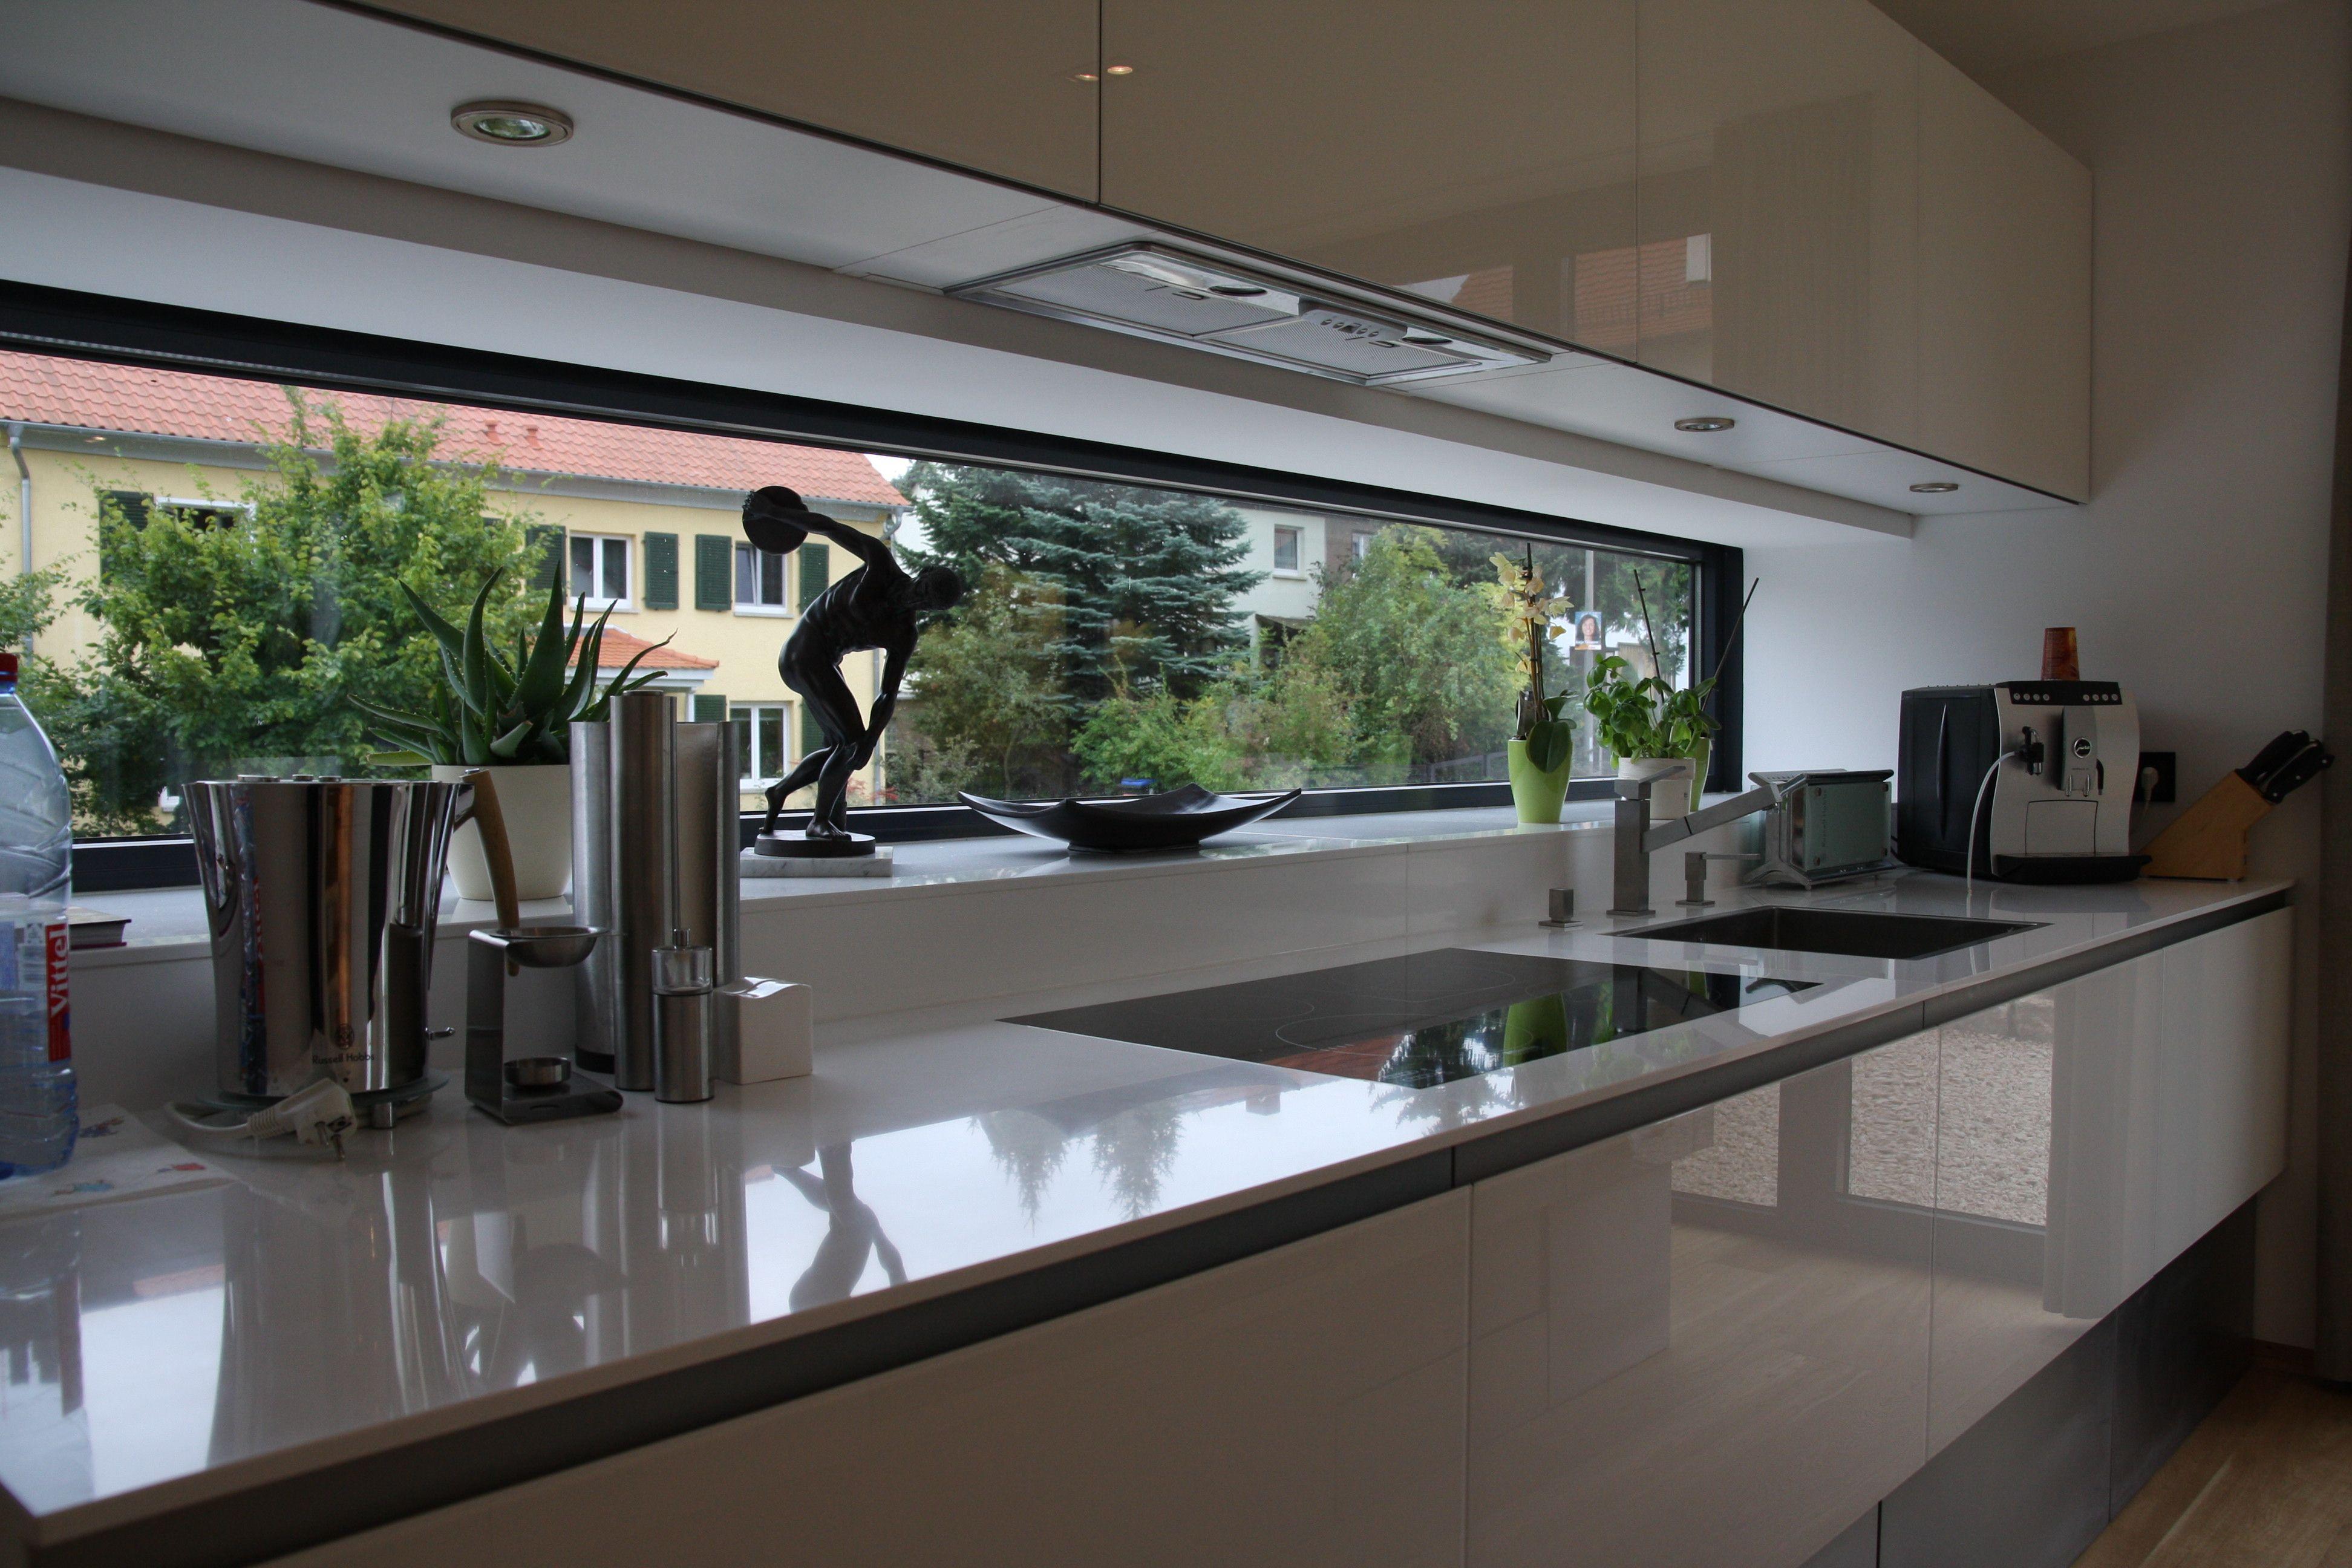 Traumhaus inneneinrichtung  Küche im Erdgeschoss | Inneneinrichtung | Pinterest